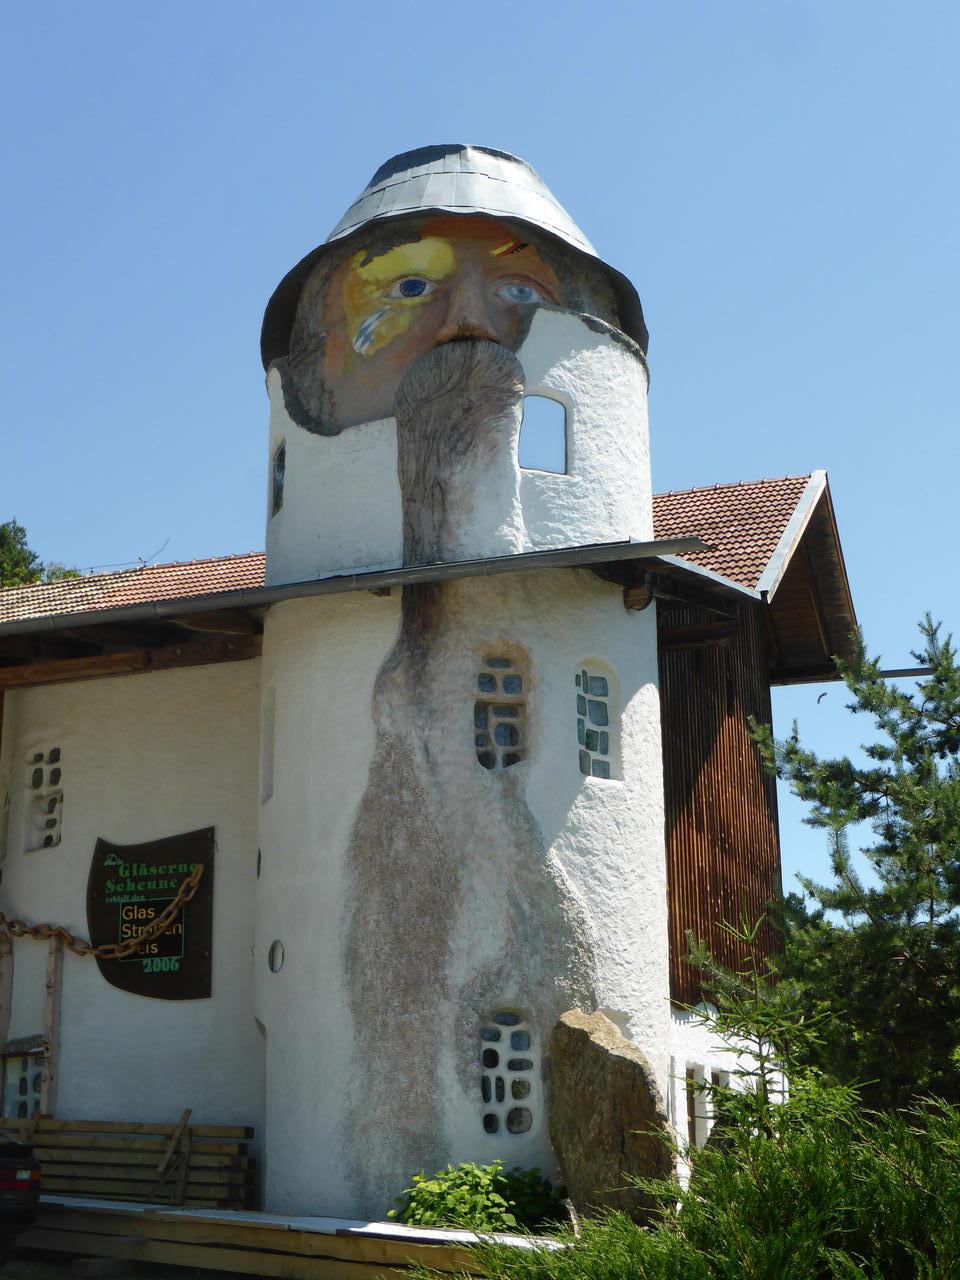 """Deutschland-Reisebericht: """"Viechtach und die Gläserne Scheune"""""""